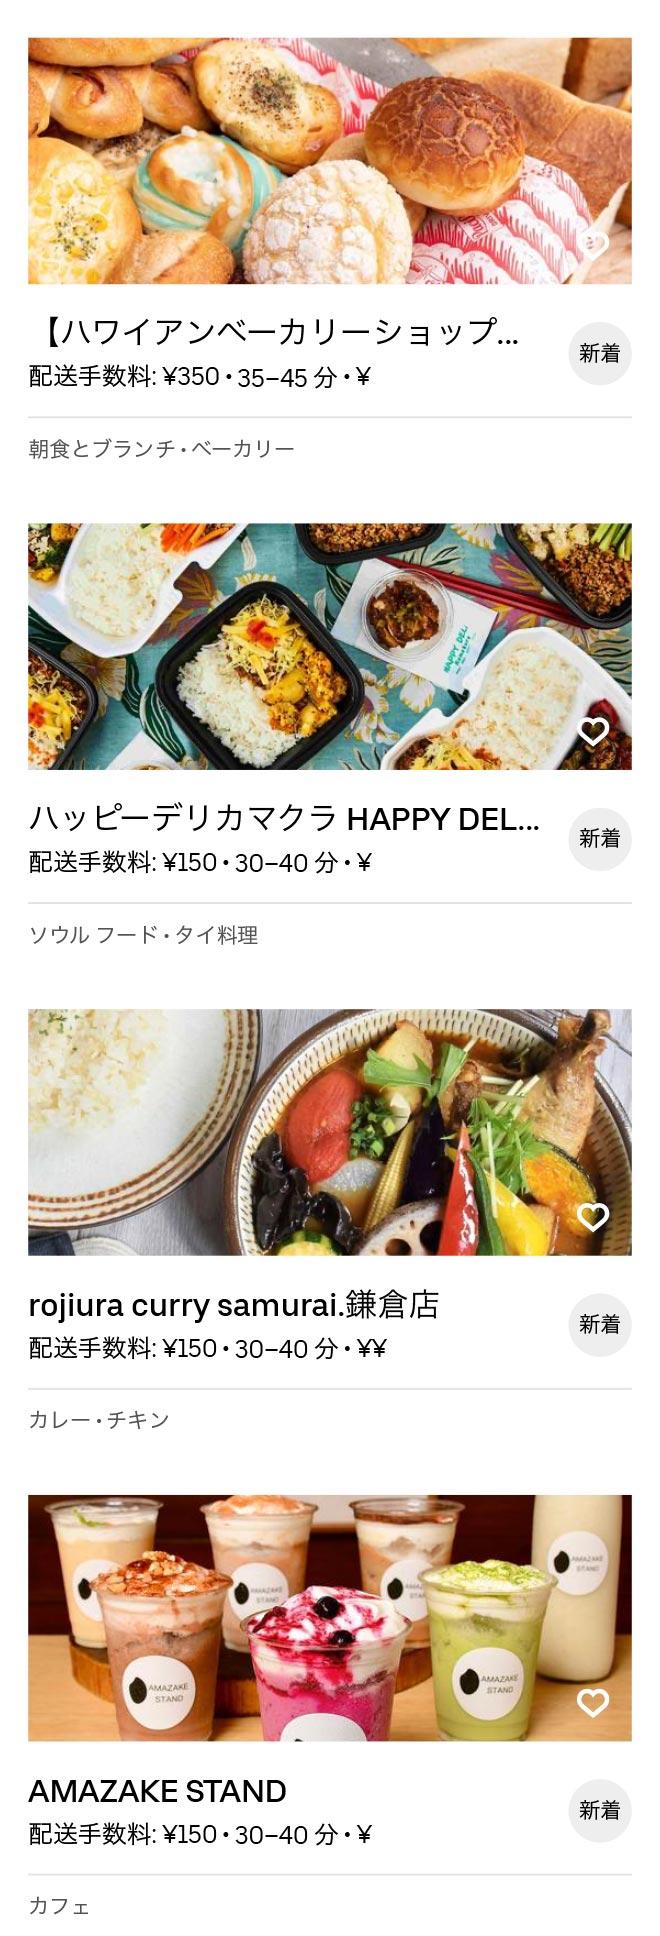 Kamakura menu 2008 05